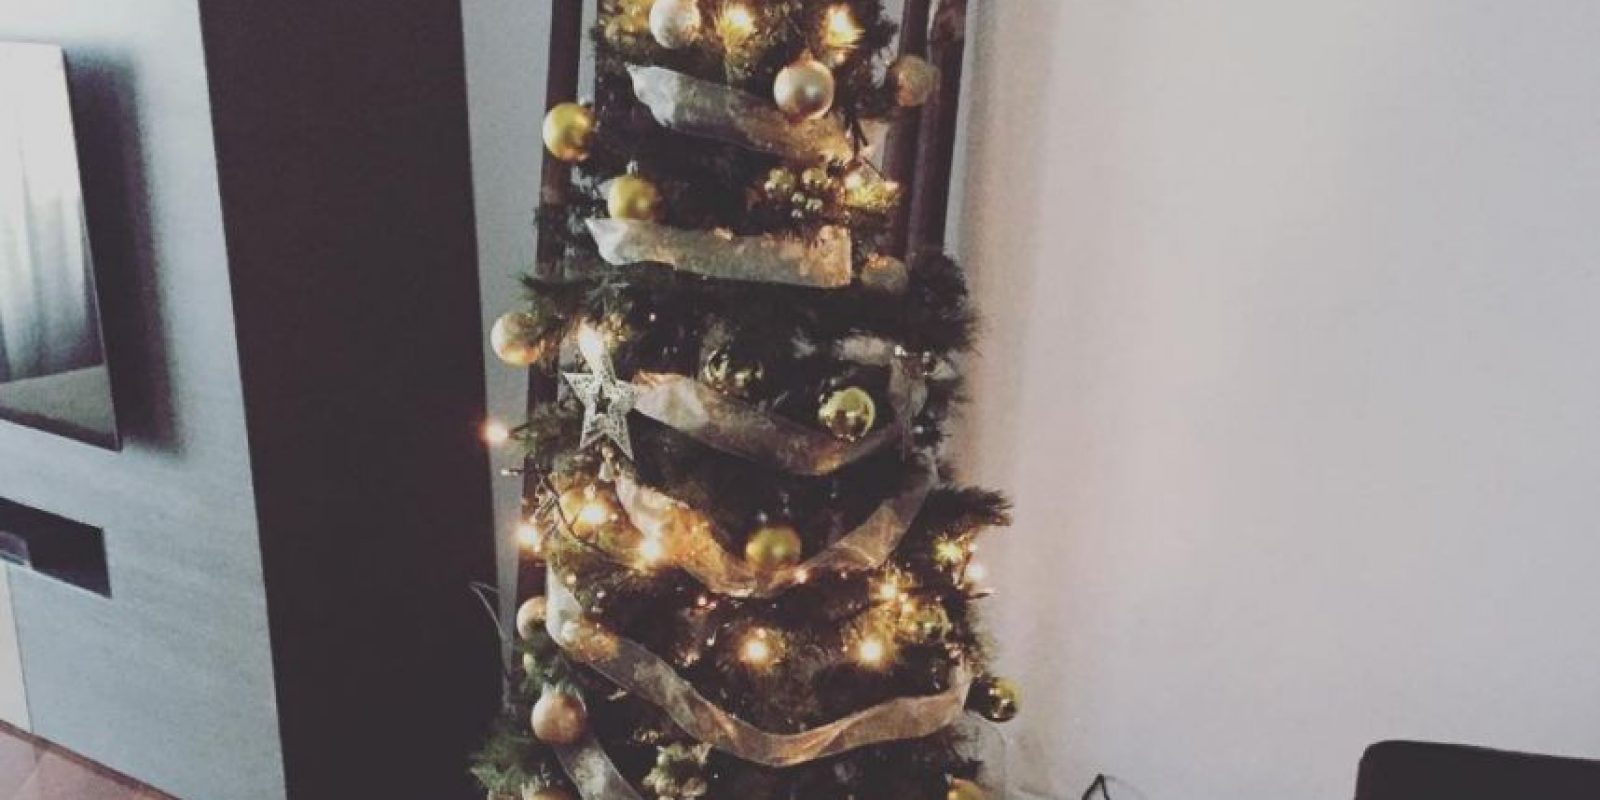 El basquetbolista Rudy Fernández despertó con el árbol llenó de regalos Foto:Vía instagram.com/rudyfernandez